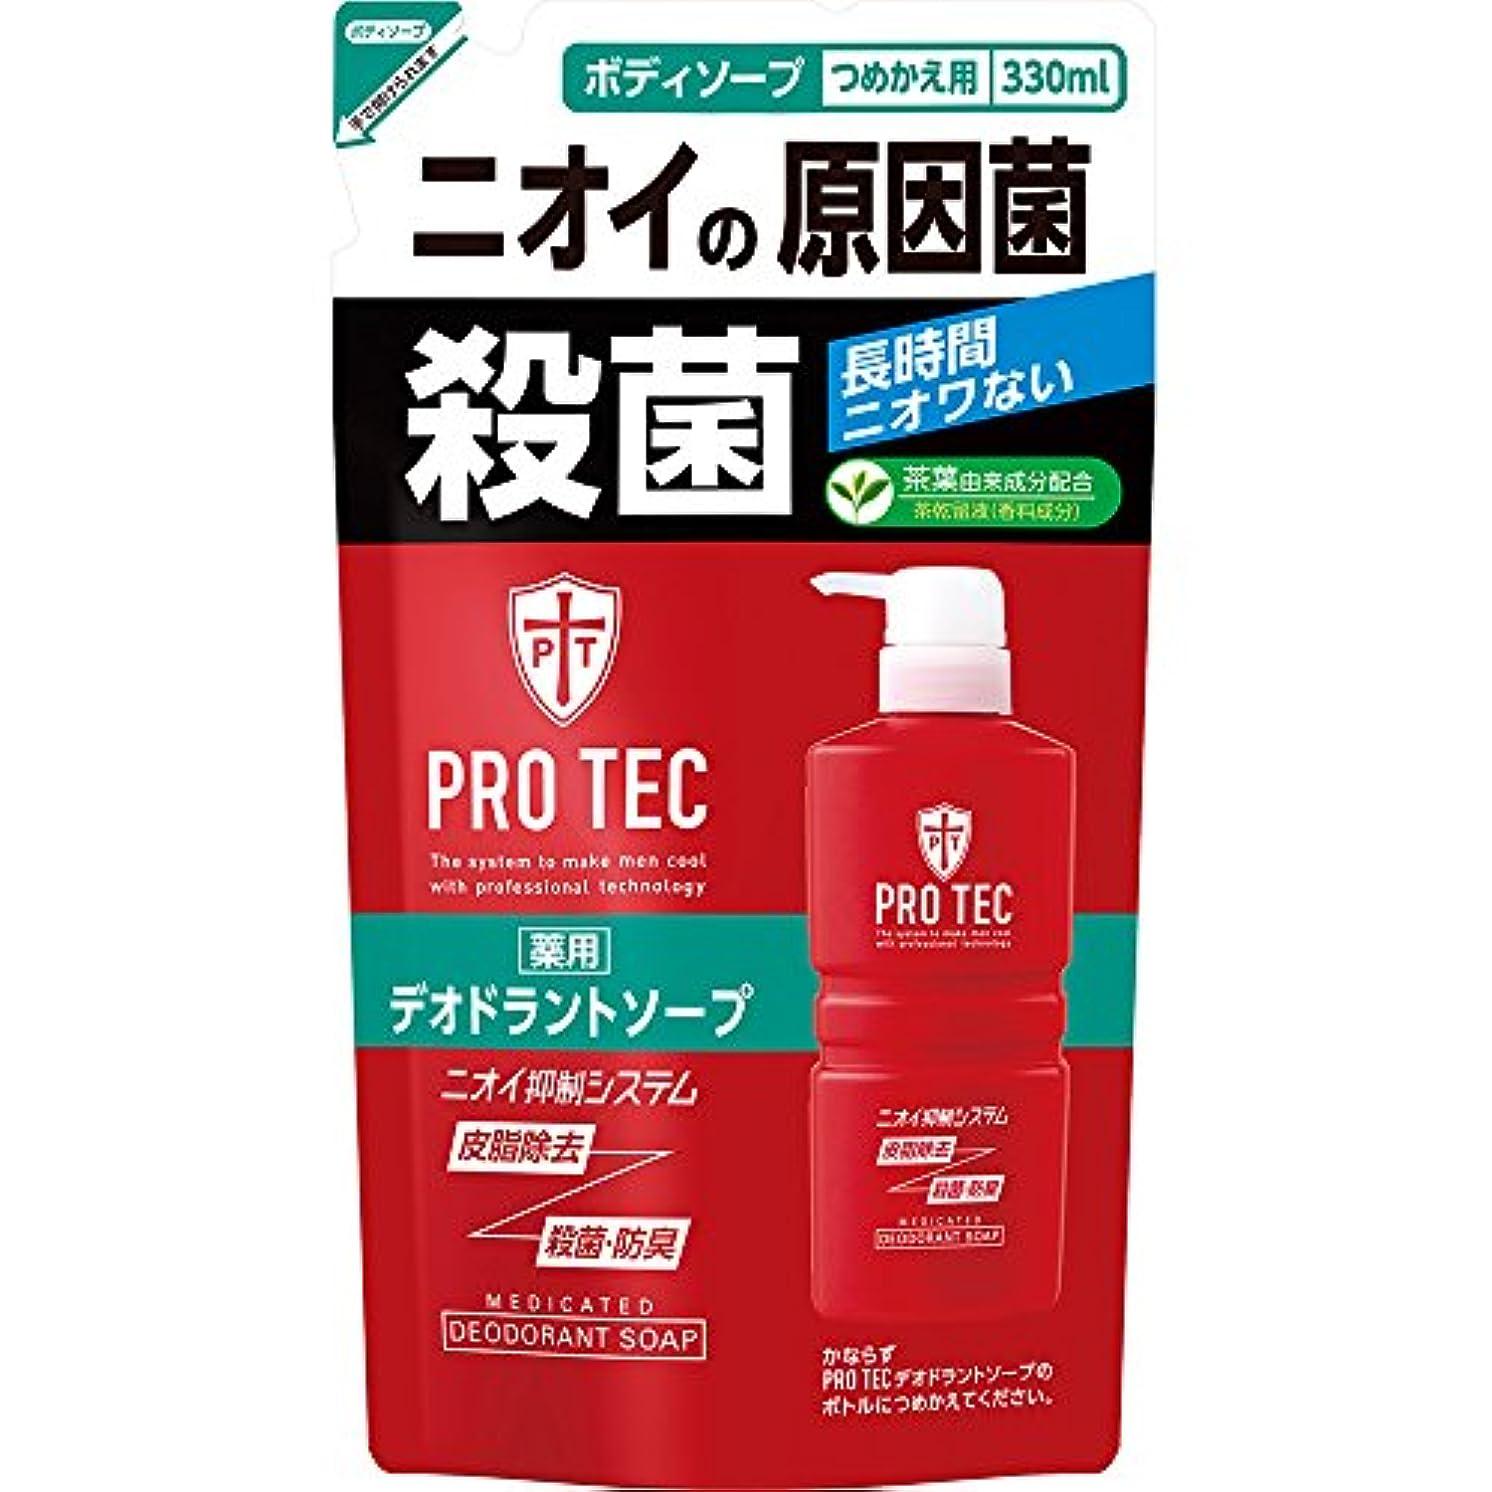 マナー皮肉ハウジングPRO TEC(プロテク) デオドラントソープ 詰め替え 330ml(医薬部外品)